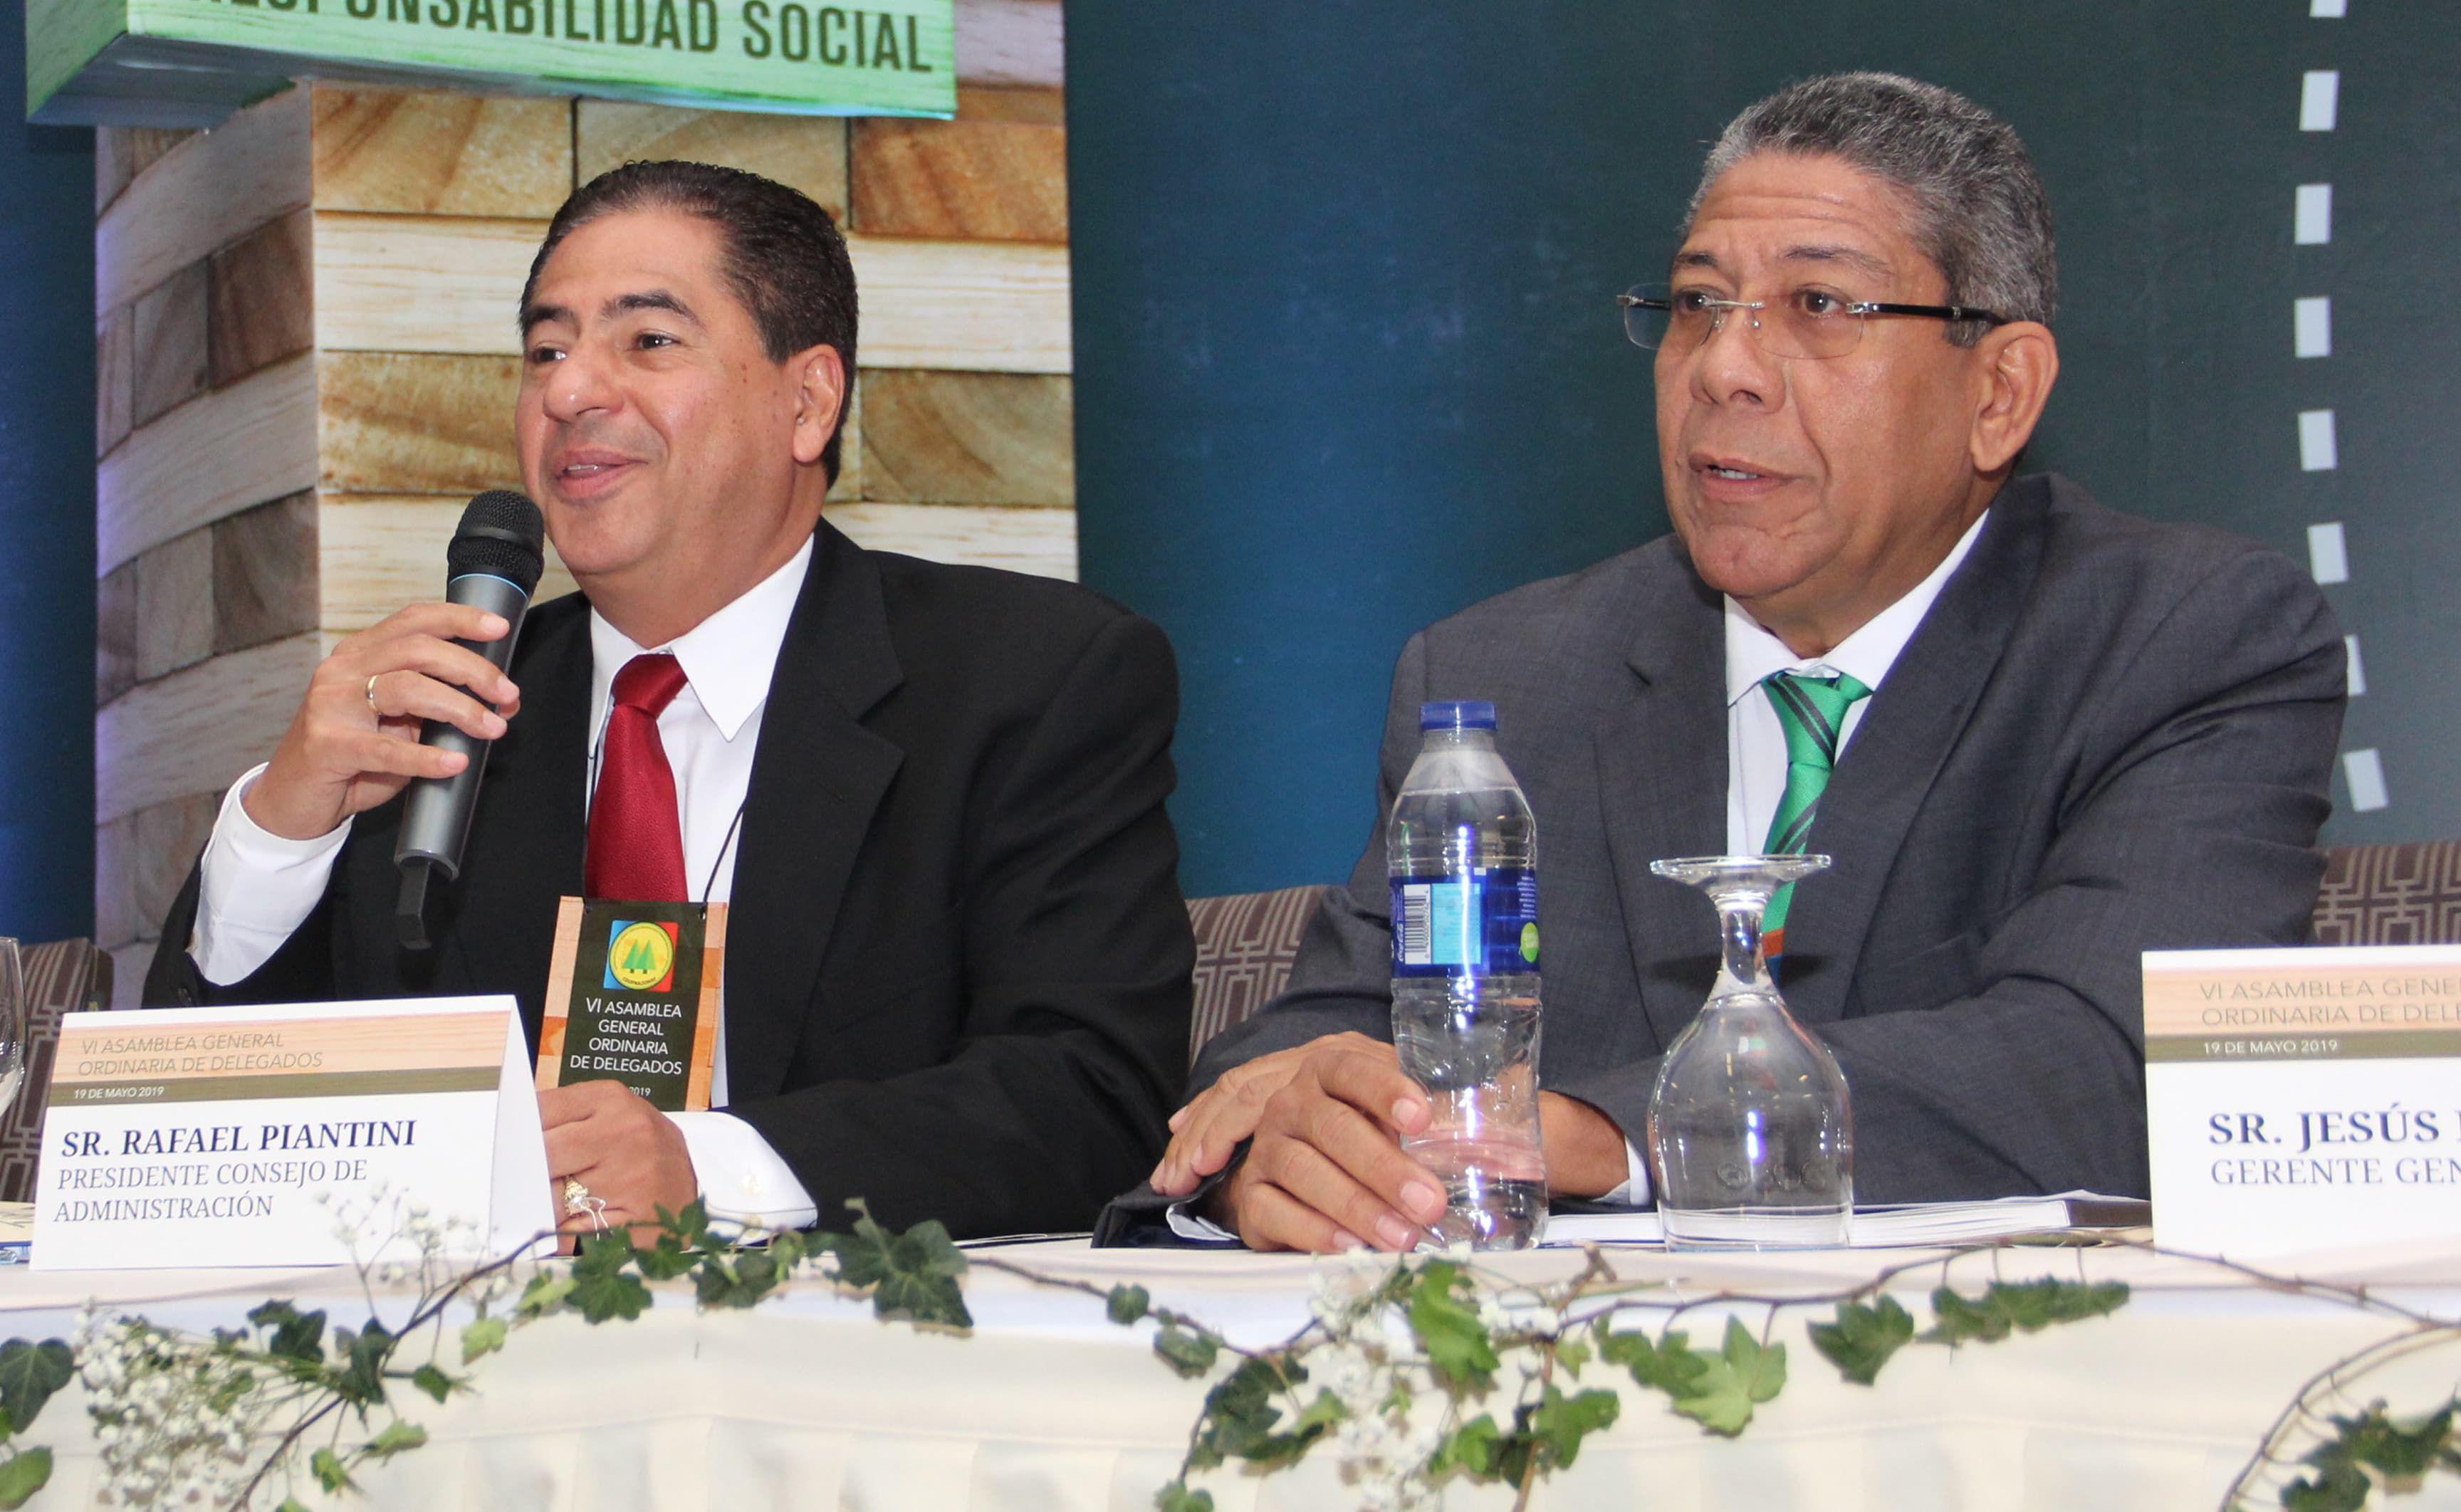 <p>Cooperativa Zona Franca invita a Abinader pronunciar la salutaci&oacute;n en asamblea</p>